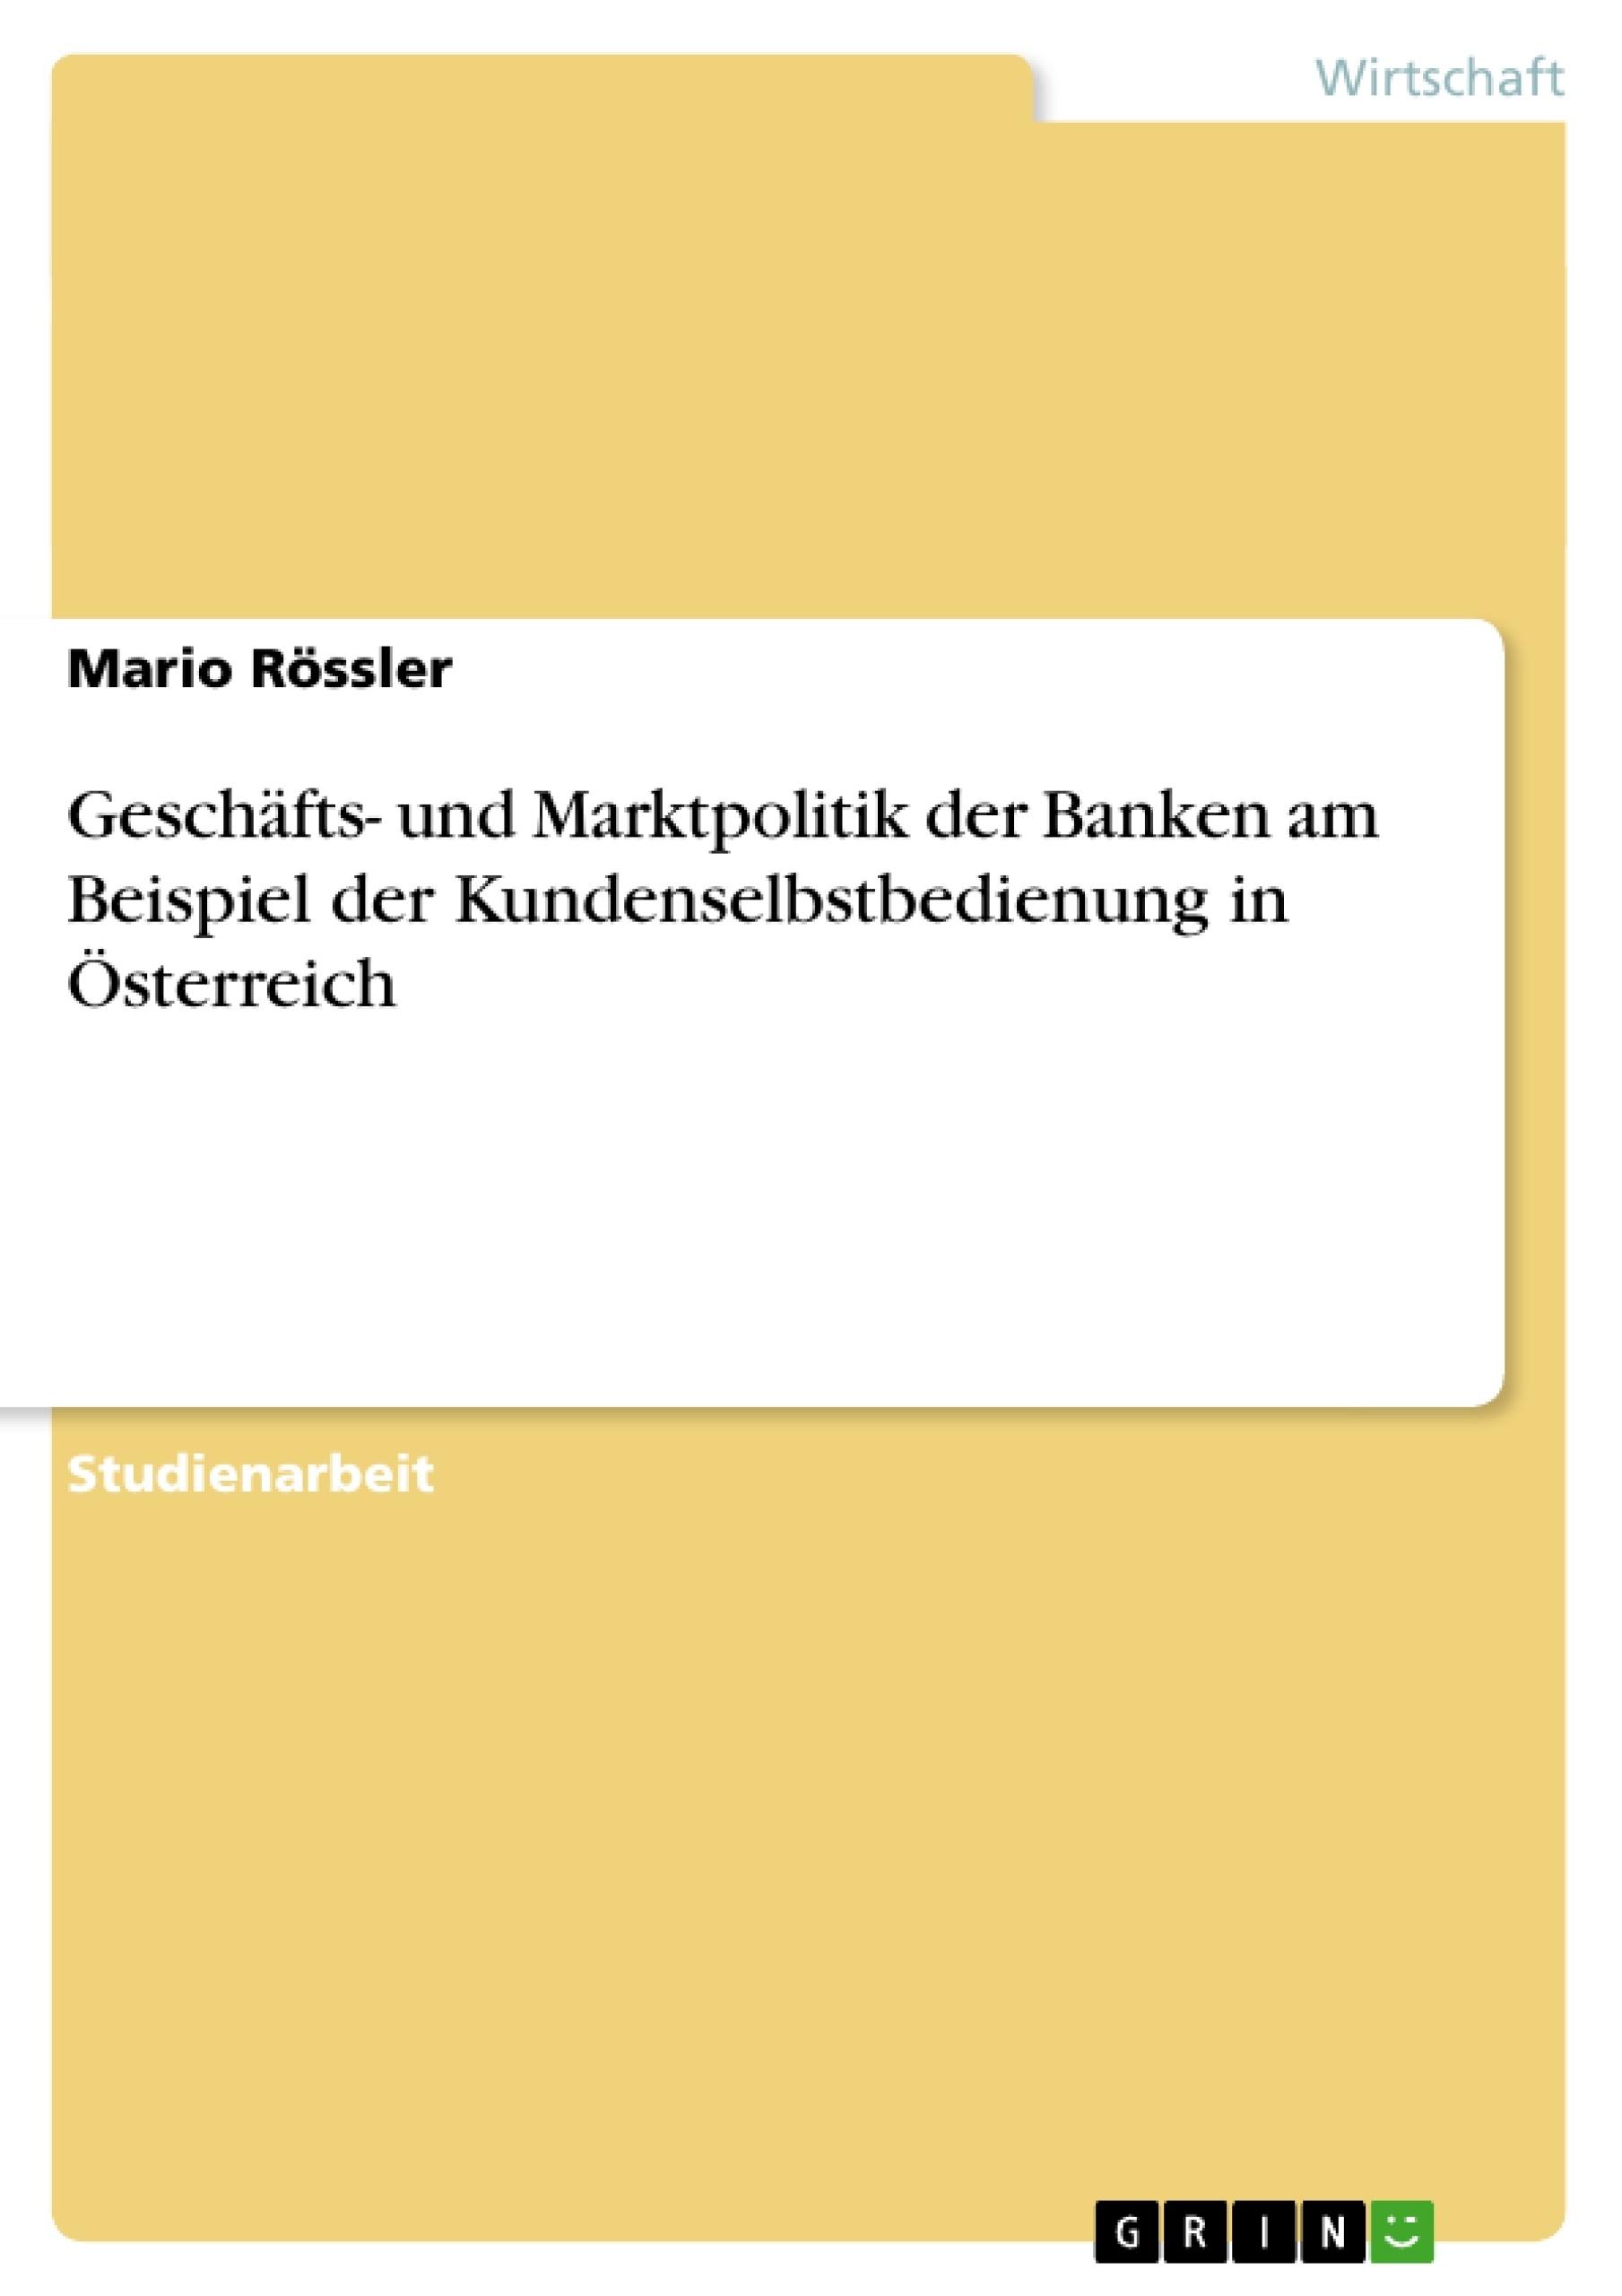 Titel: Geschäfts- und Marktpolitik der Banken am Beispiel der Kundenselbstbedienung in Österreich